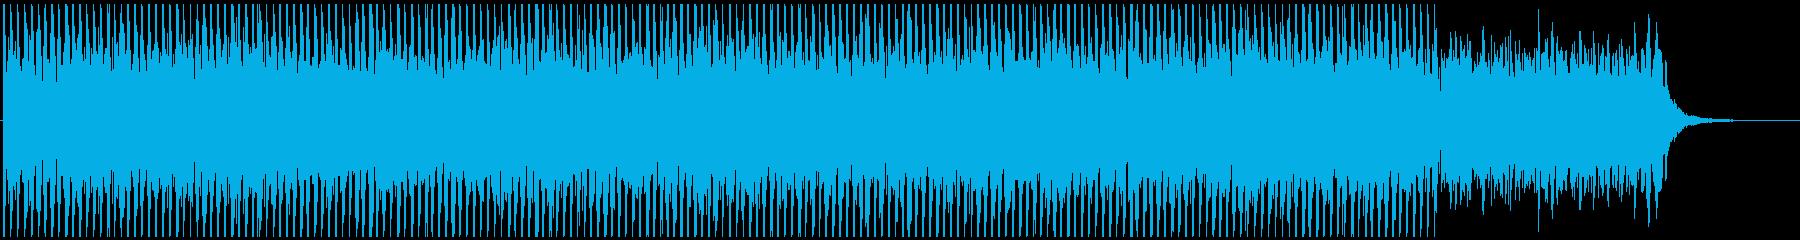 映像向けテクノ系BGMの再生済みの波形